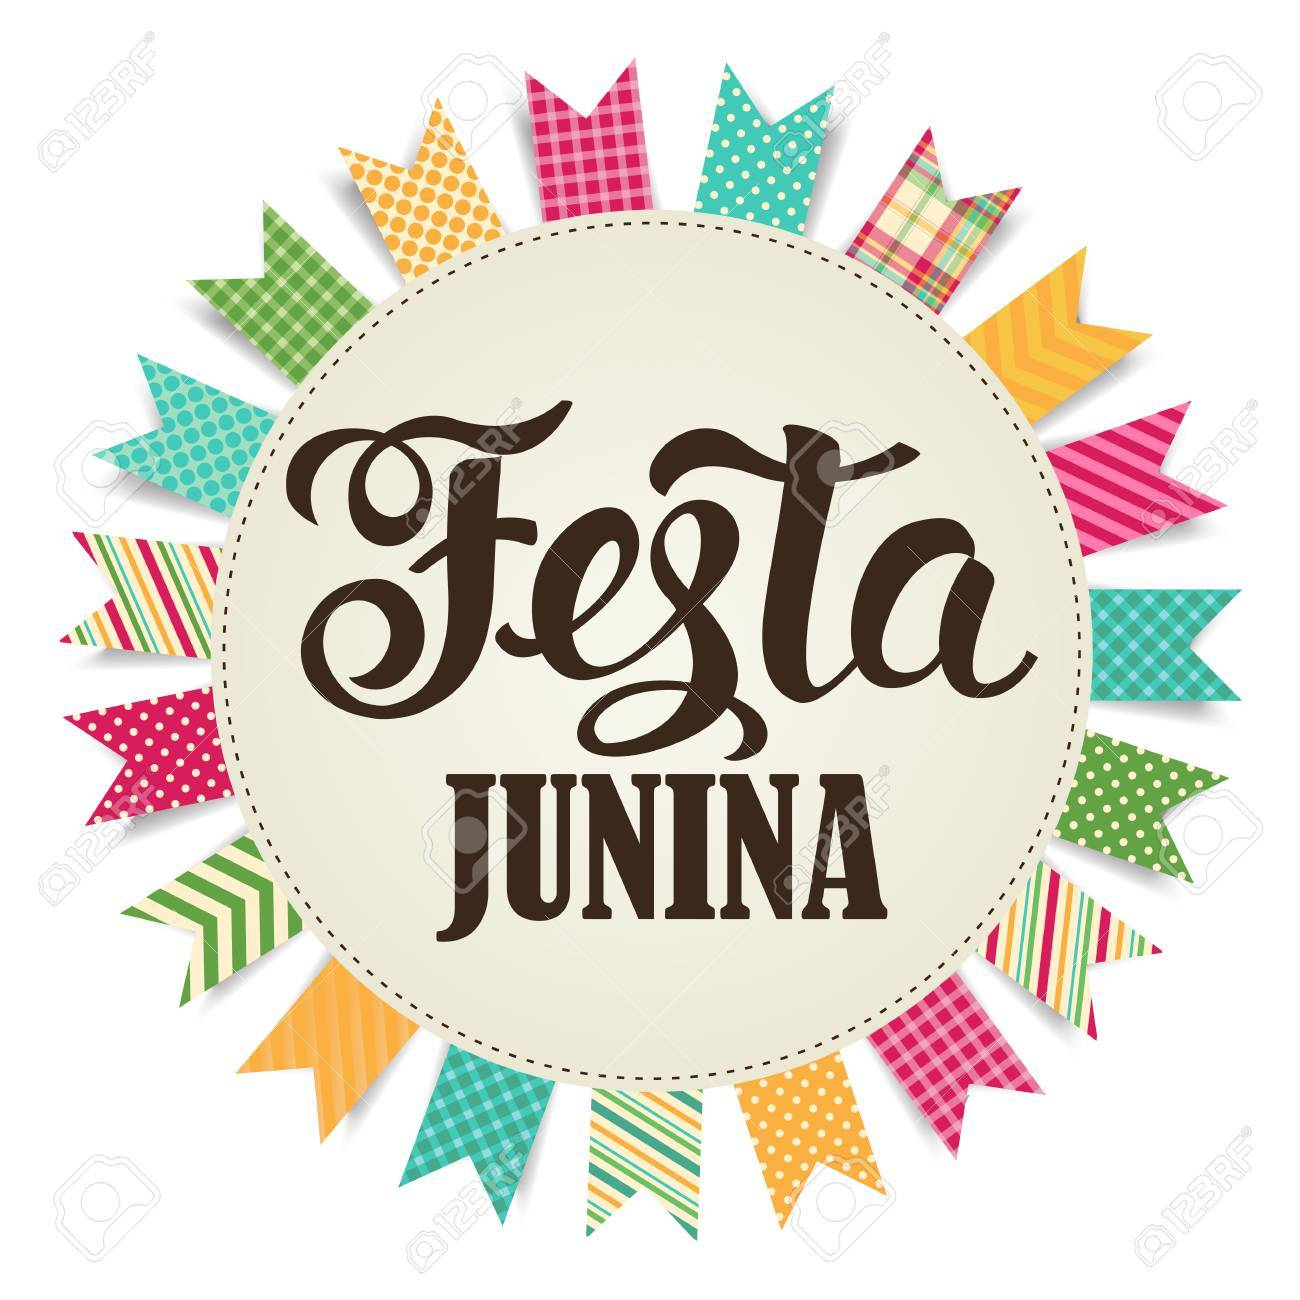 Festa Junina illustration. Vector banner. Latin American holiday. - 74791453